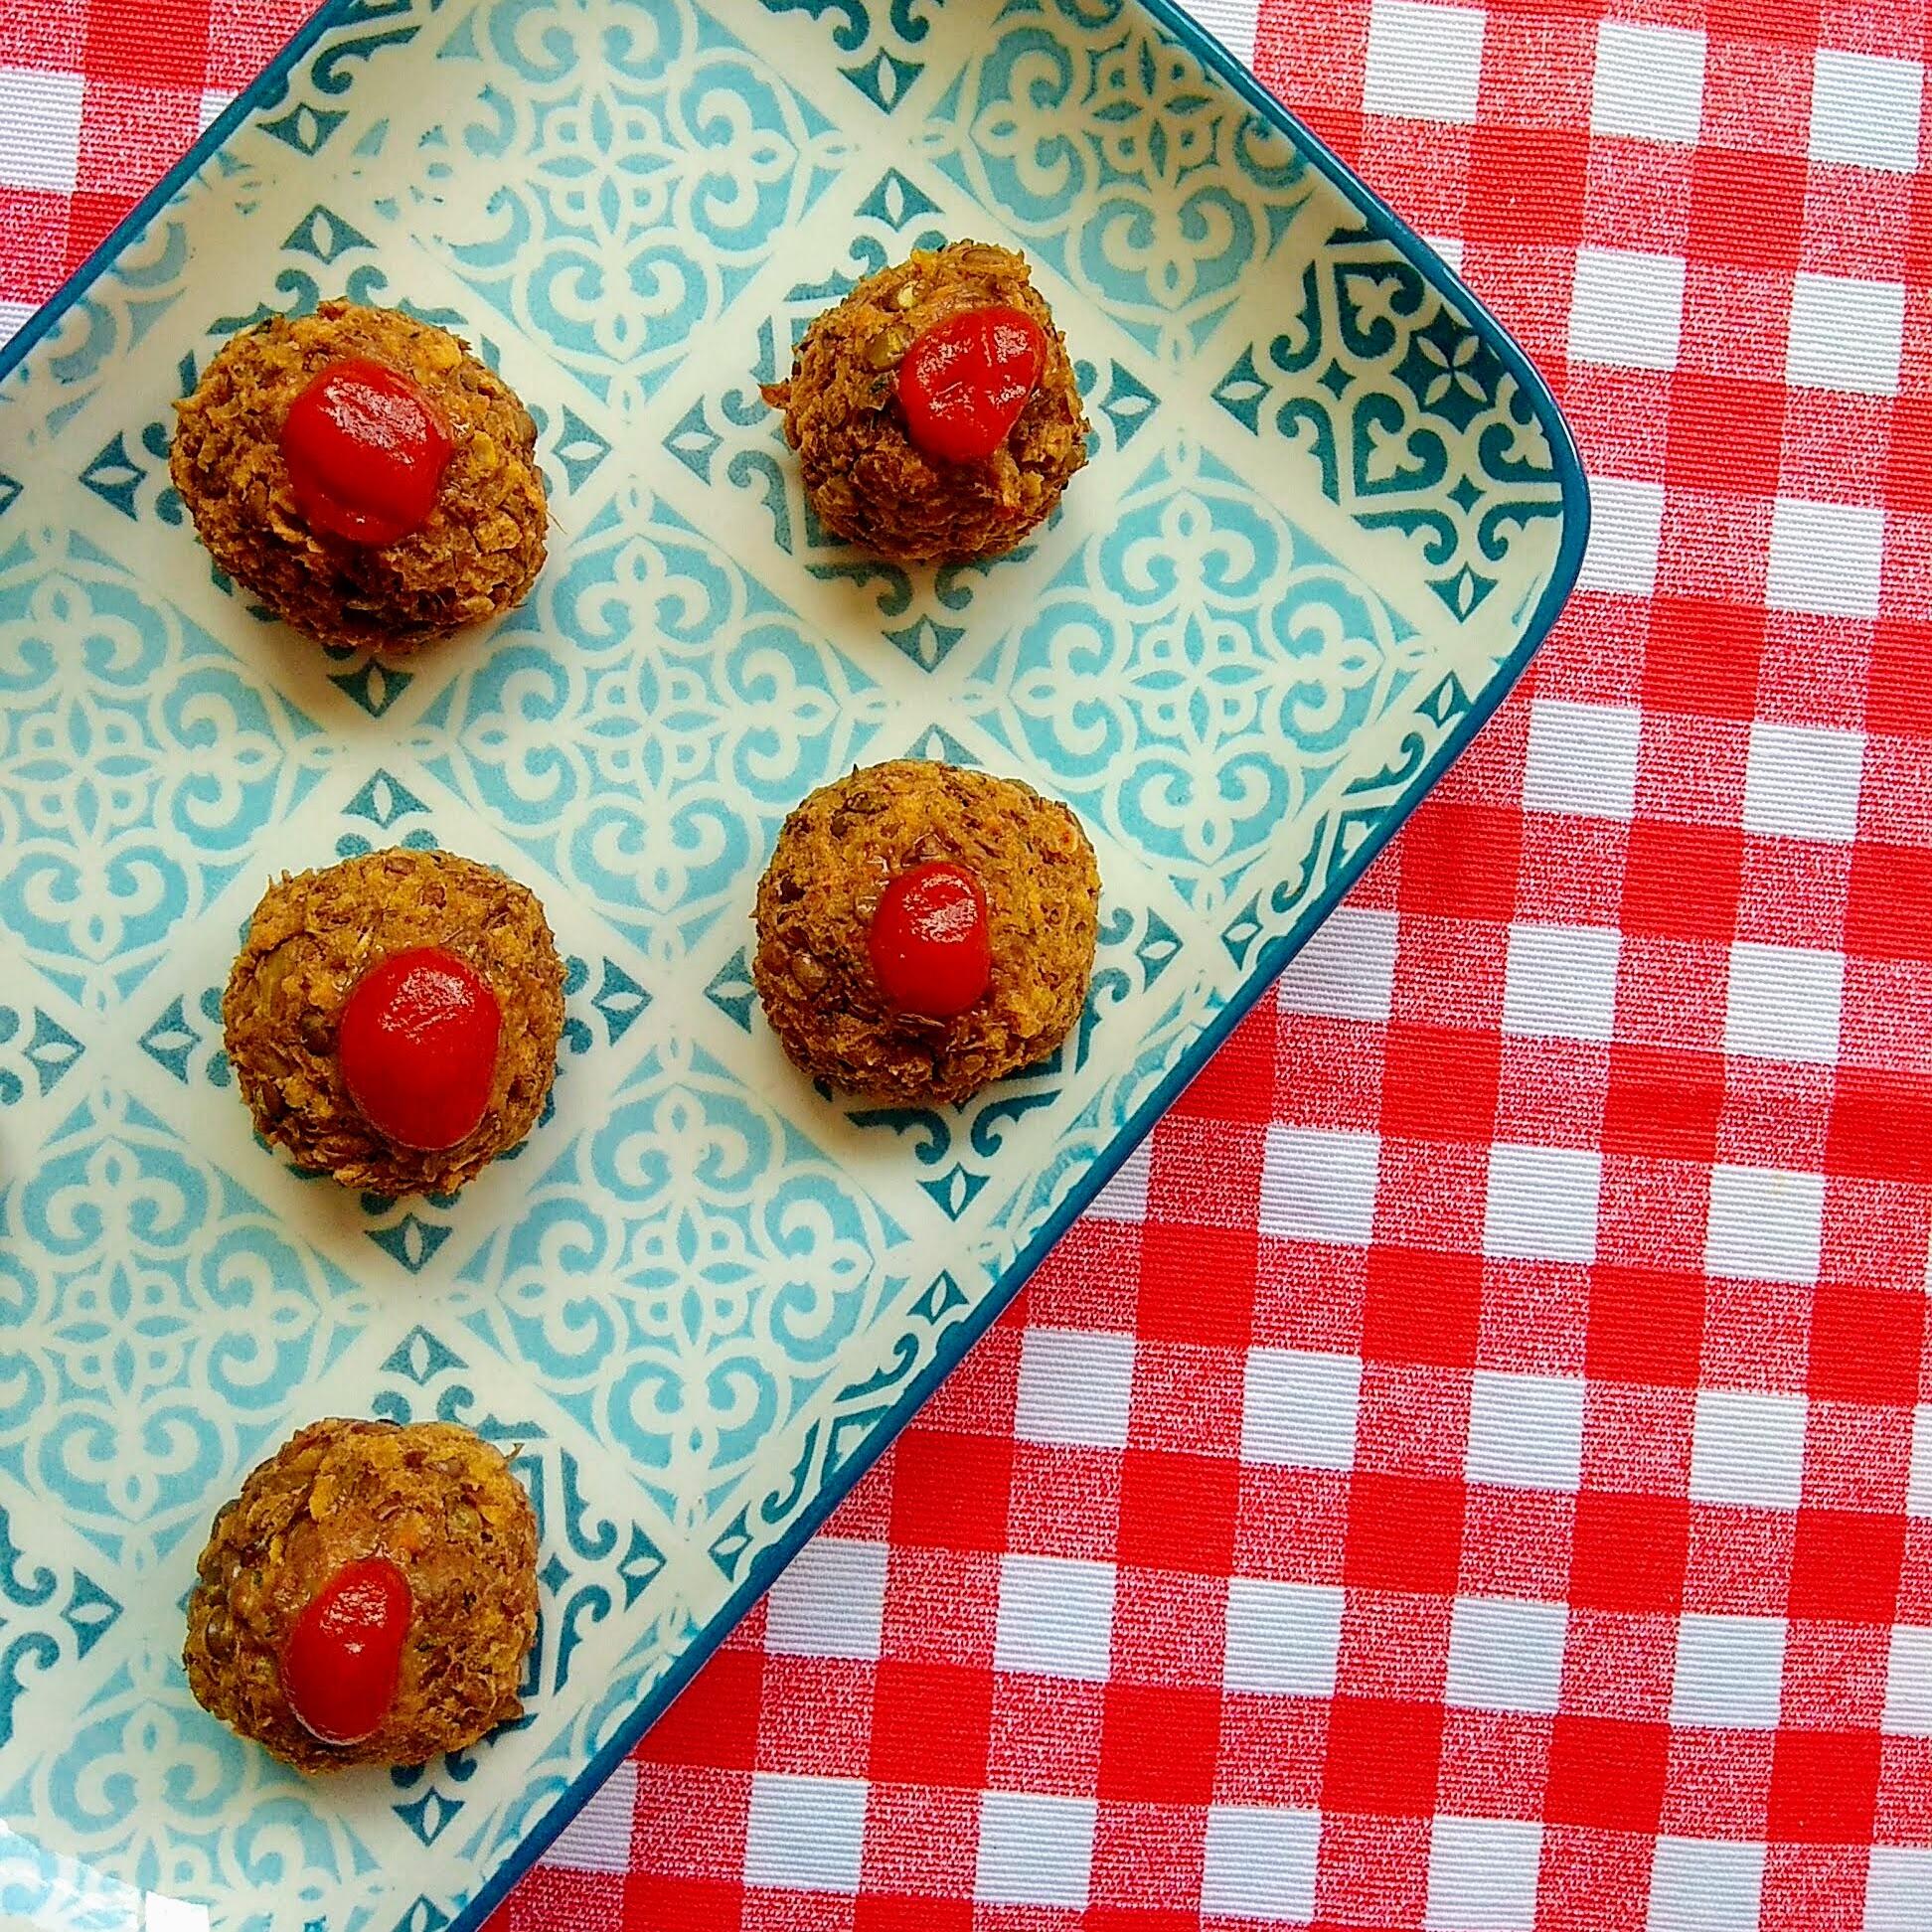 Receta fácil de Albóndigas de lentejas. Descúbrela en: www.cocinandoconlola.com